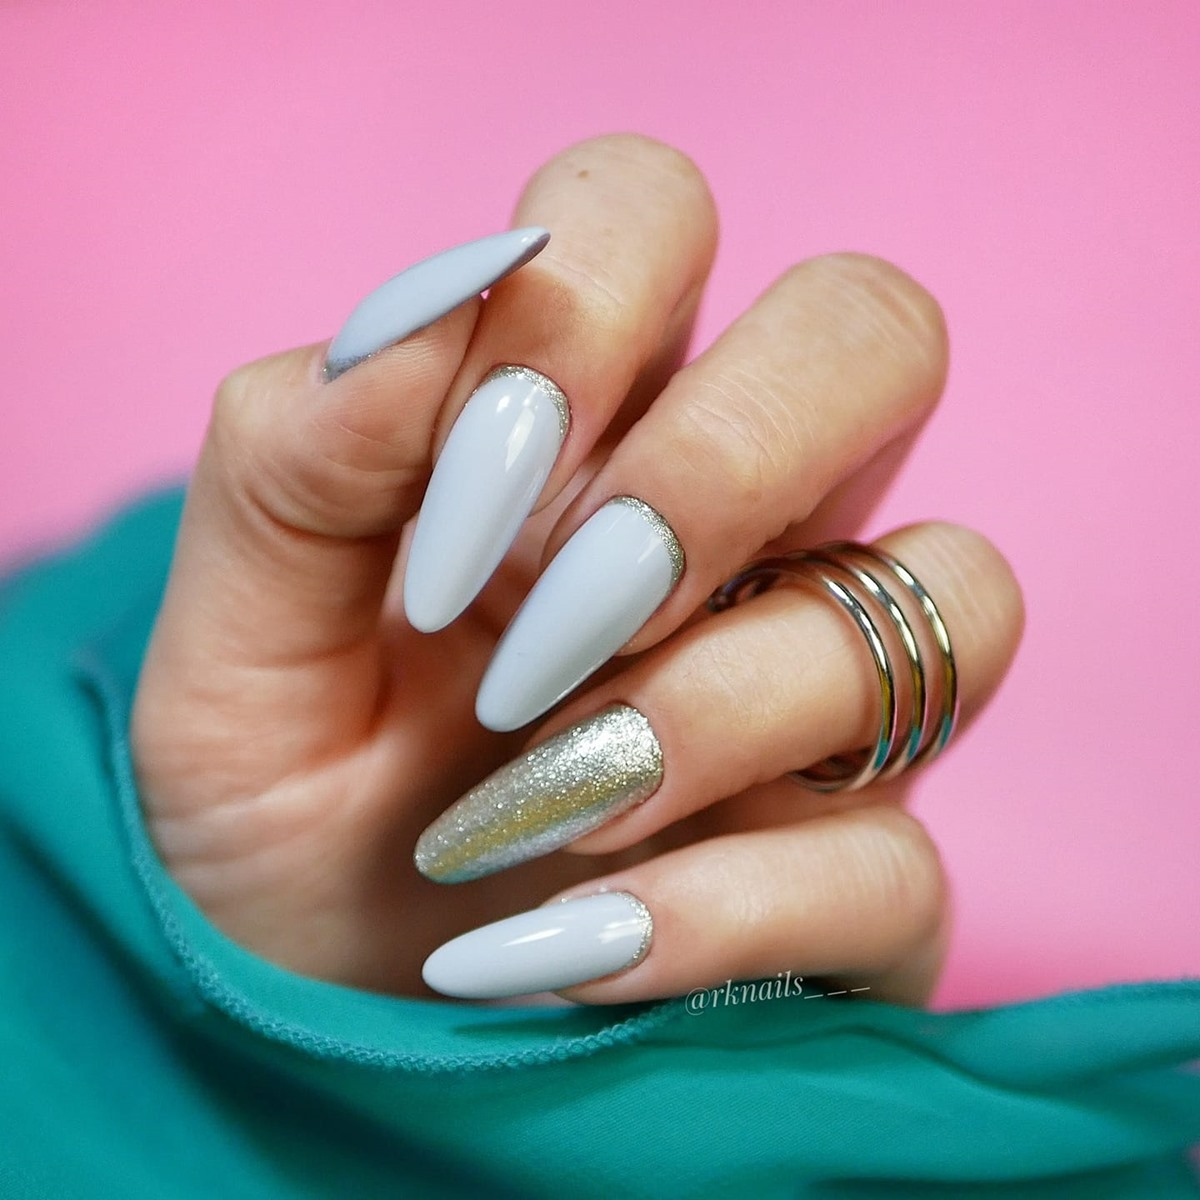 piękne paznokcie